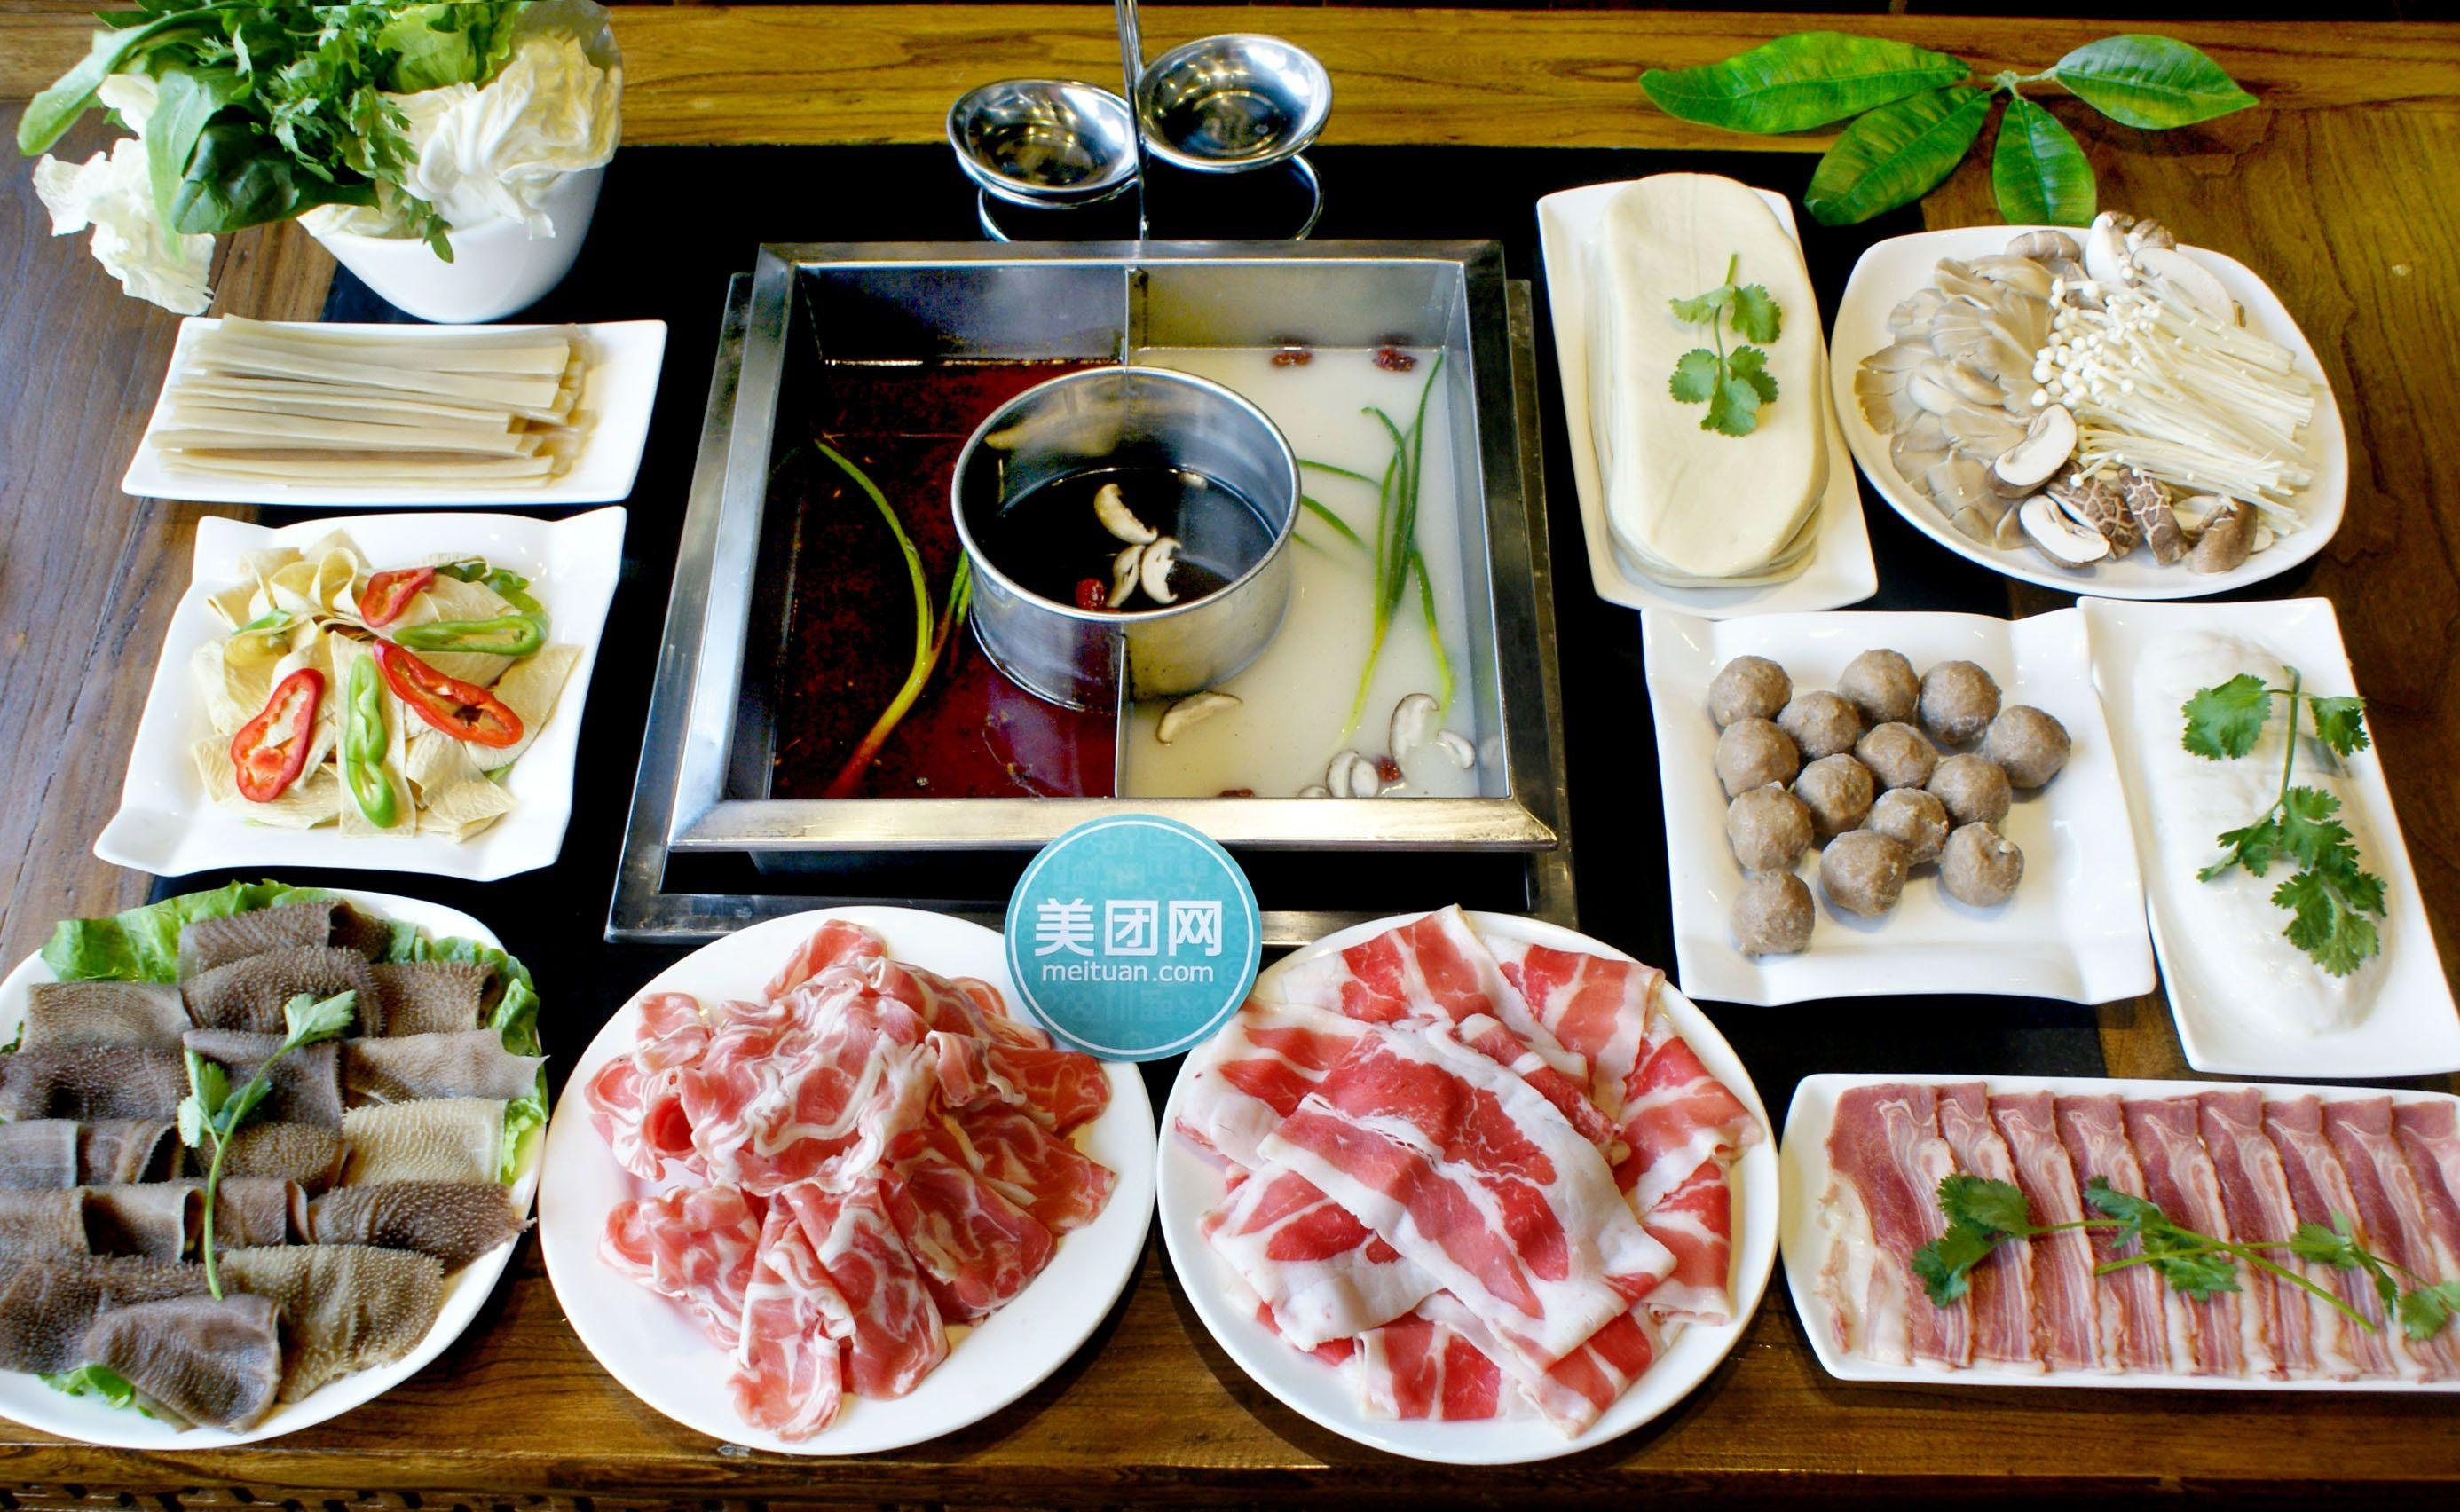 4-6人火锅套餐,商家提供免费WiFi,不限量免费供应果汁